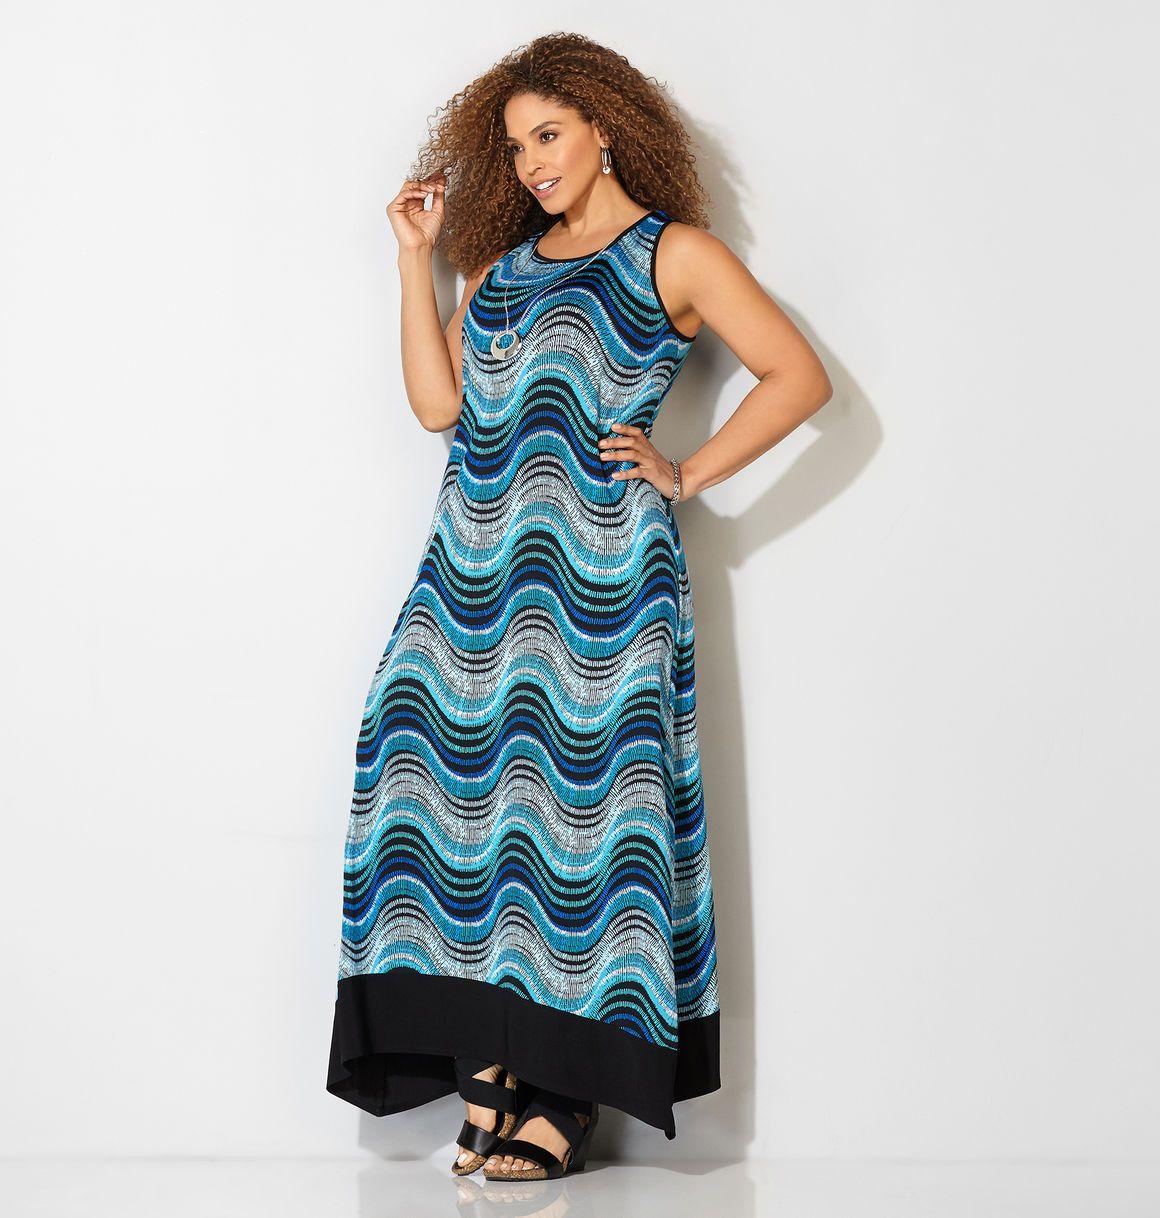 Blue wave necklace maxi dressblue wave necklace maxi dress